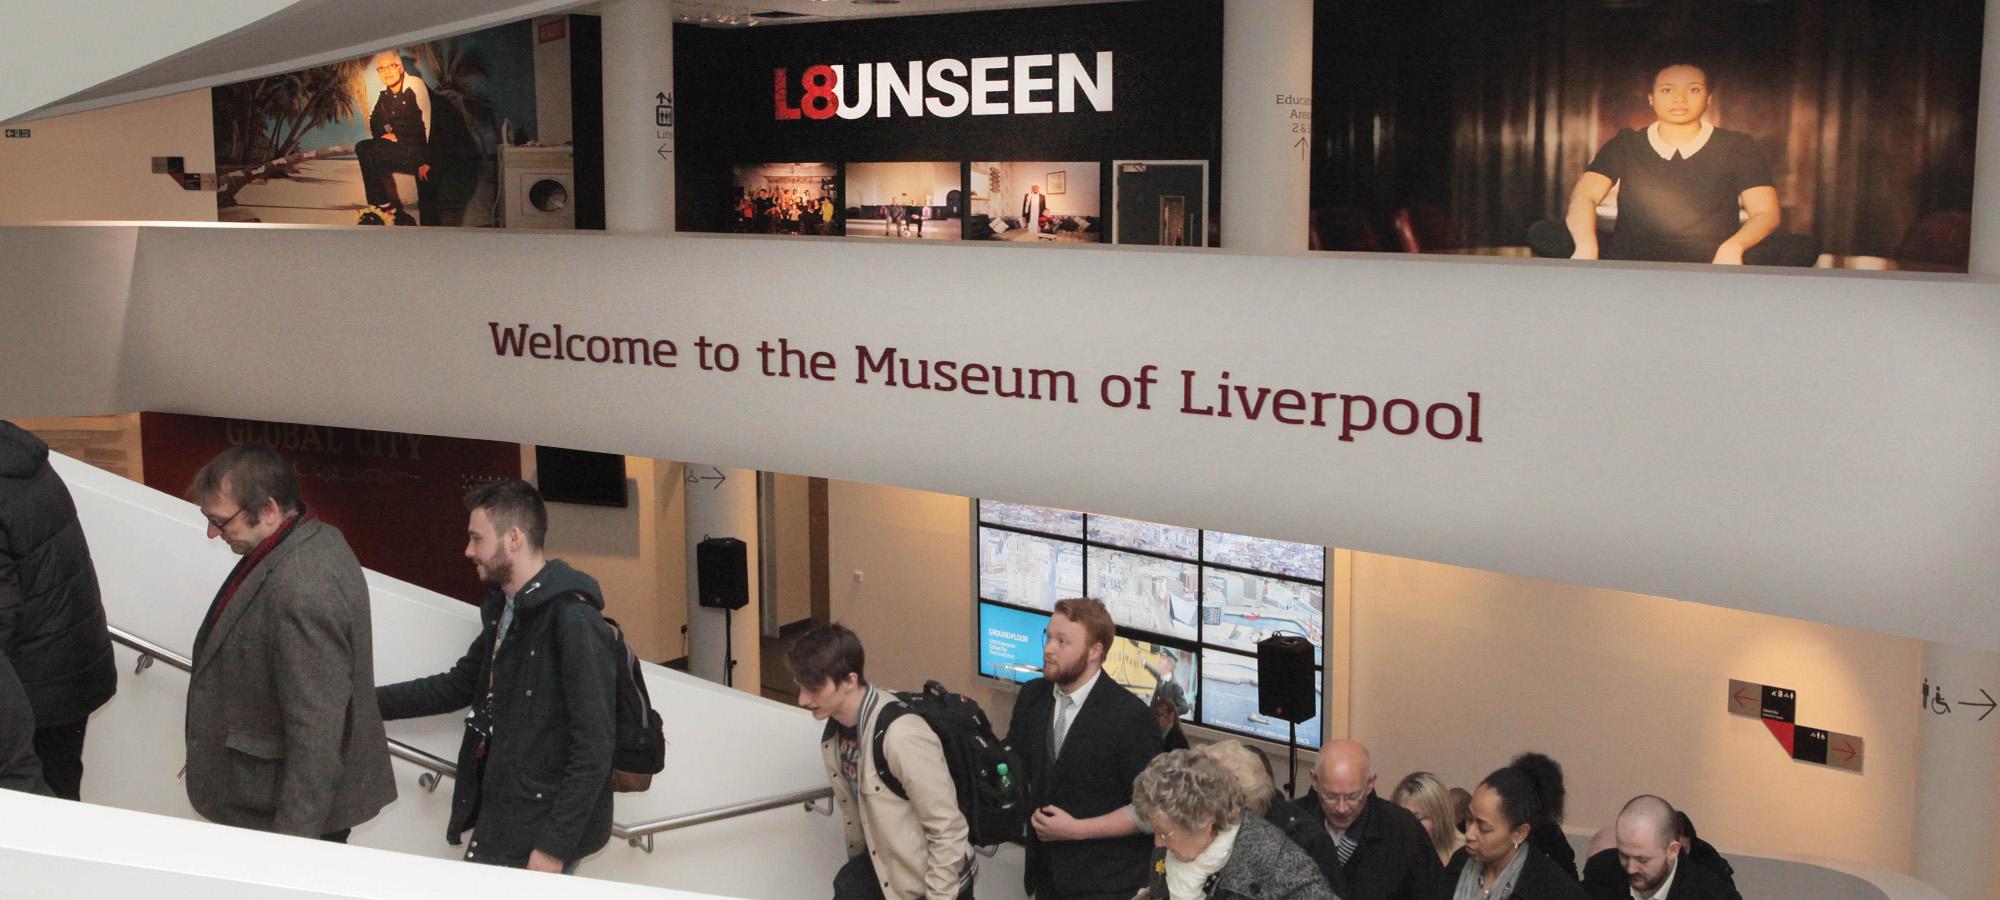 L8_Unseen_web_banner_00.jpg